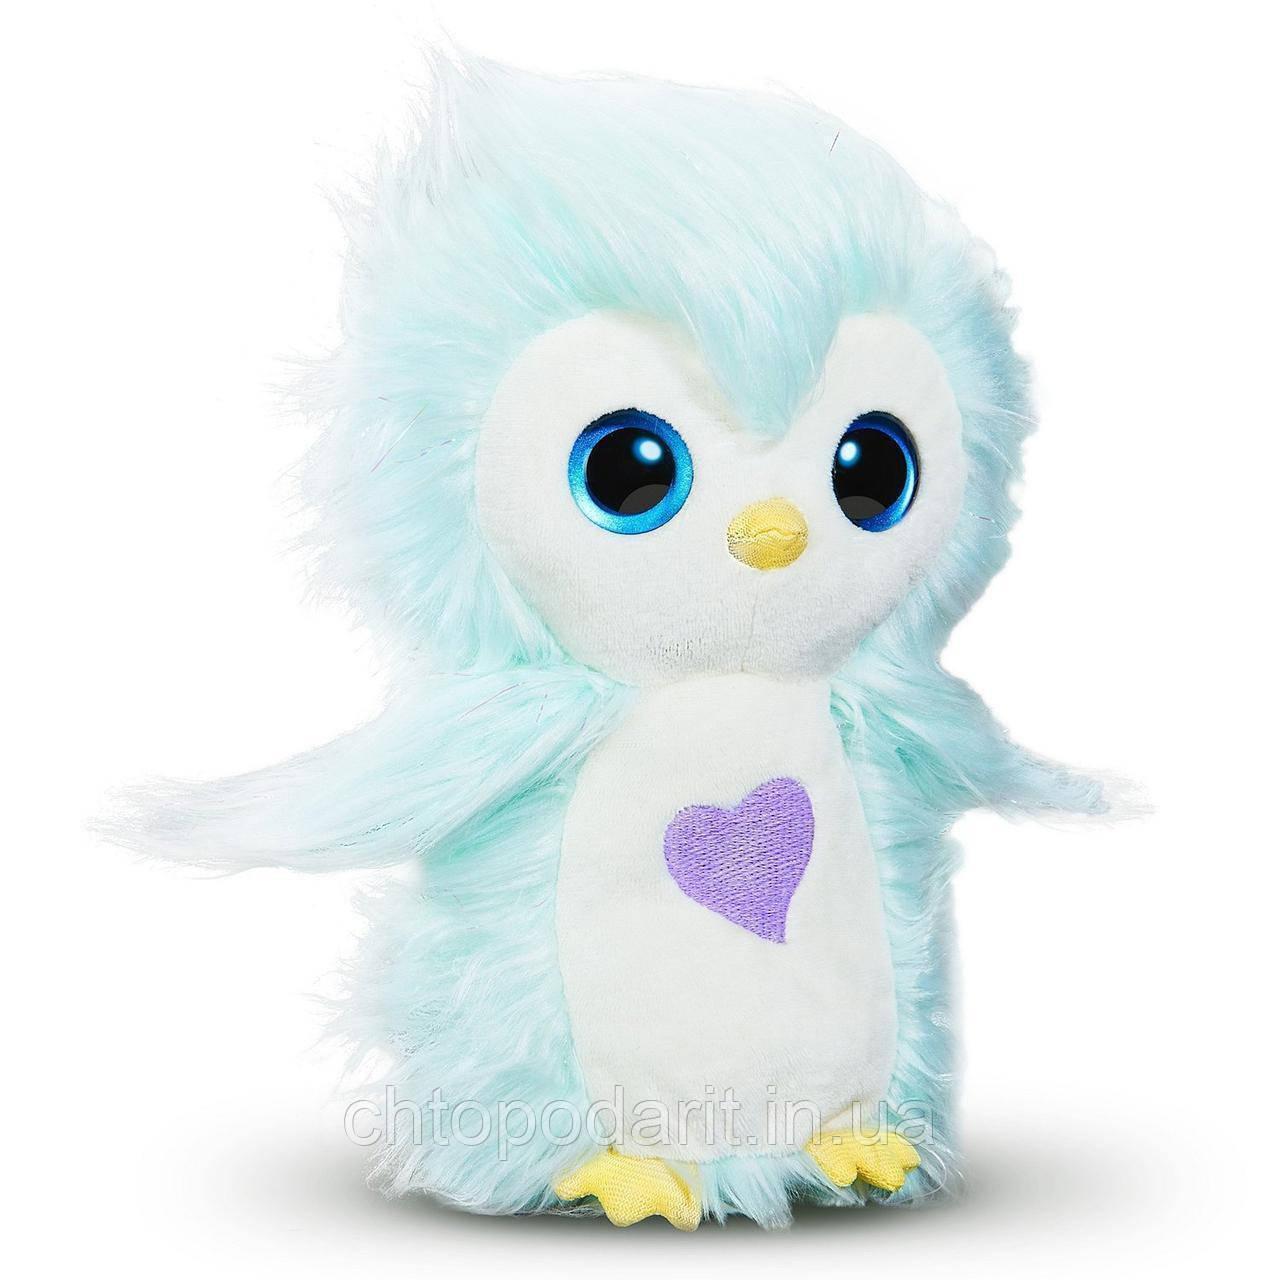 Пушистик потеряшка «Снежные друзья» игрушка сюрприз Scruff A Luvs Snow Pals Код 12-1865